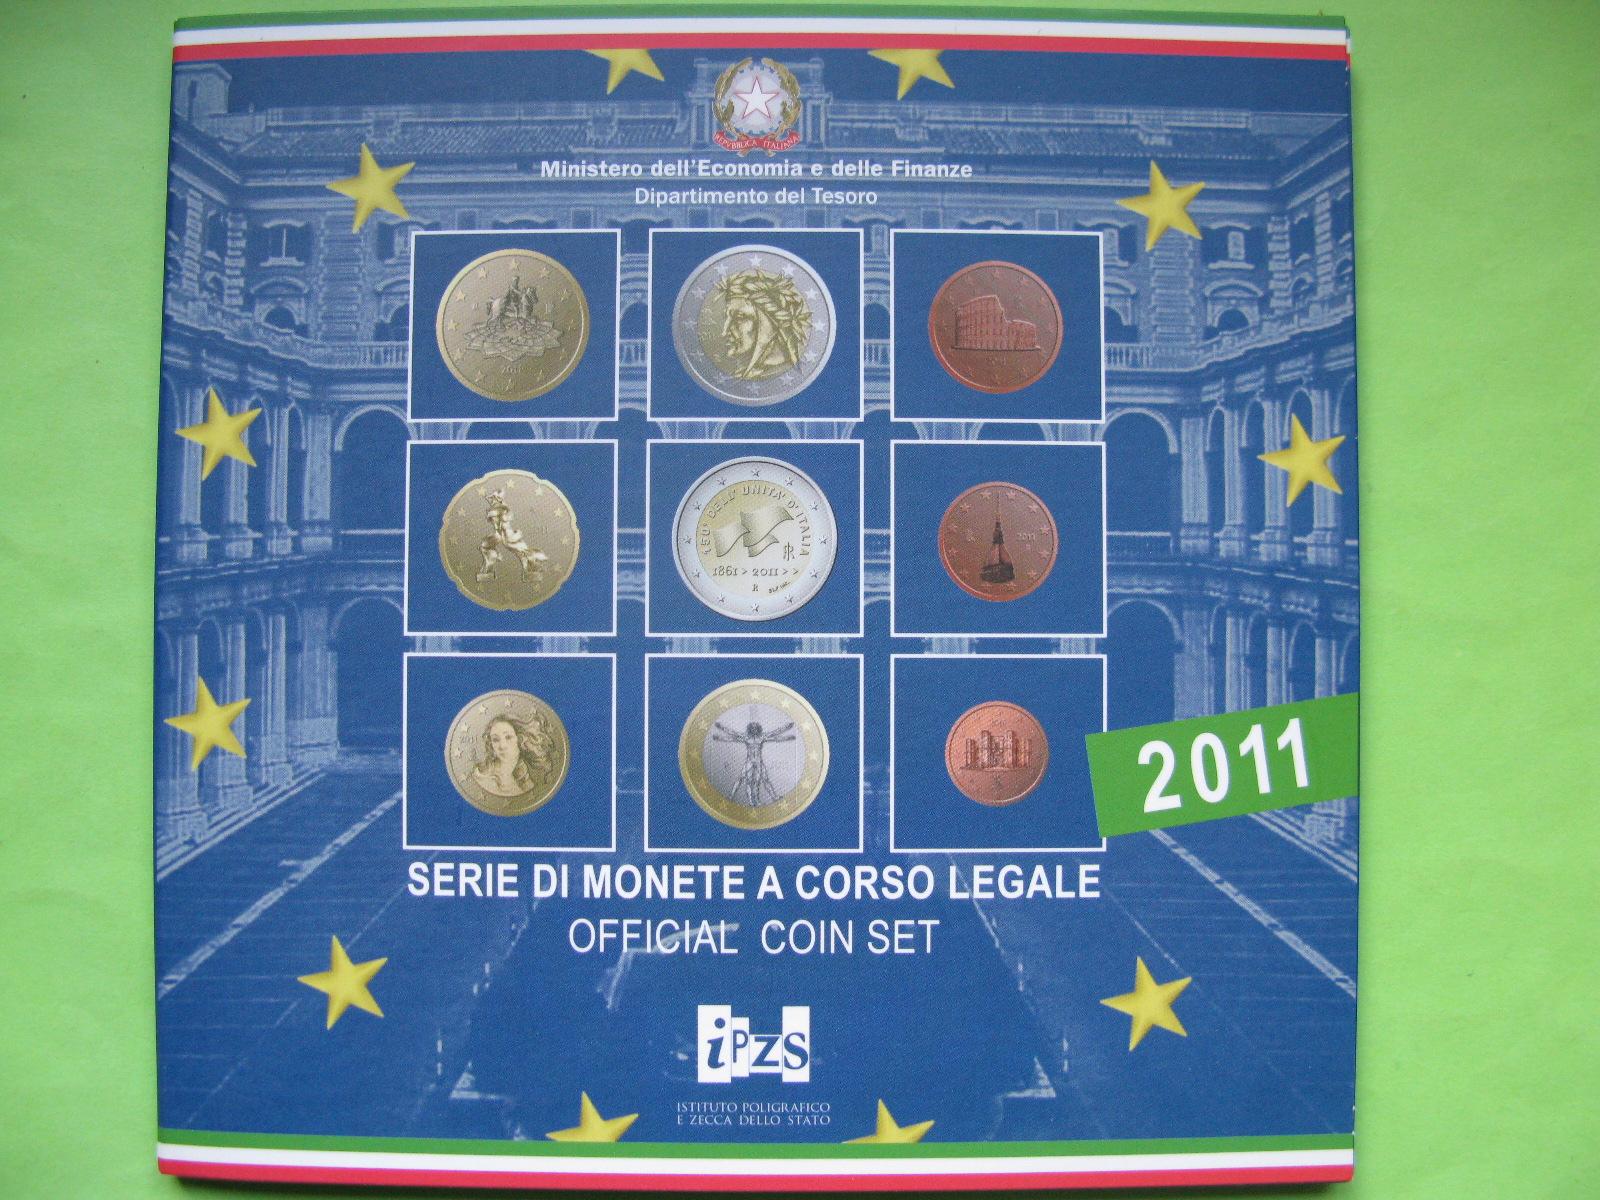 Италия официальный набор евро монет  2011 г.